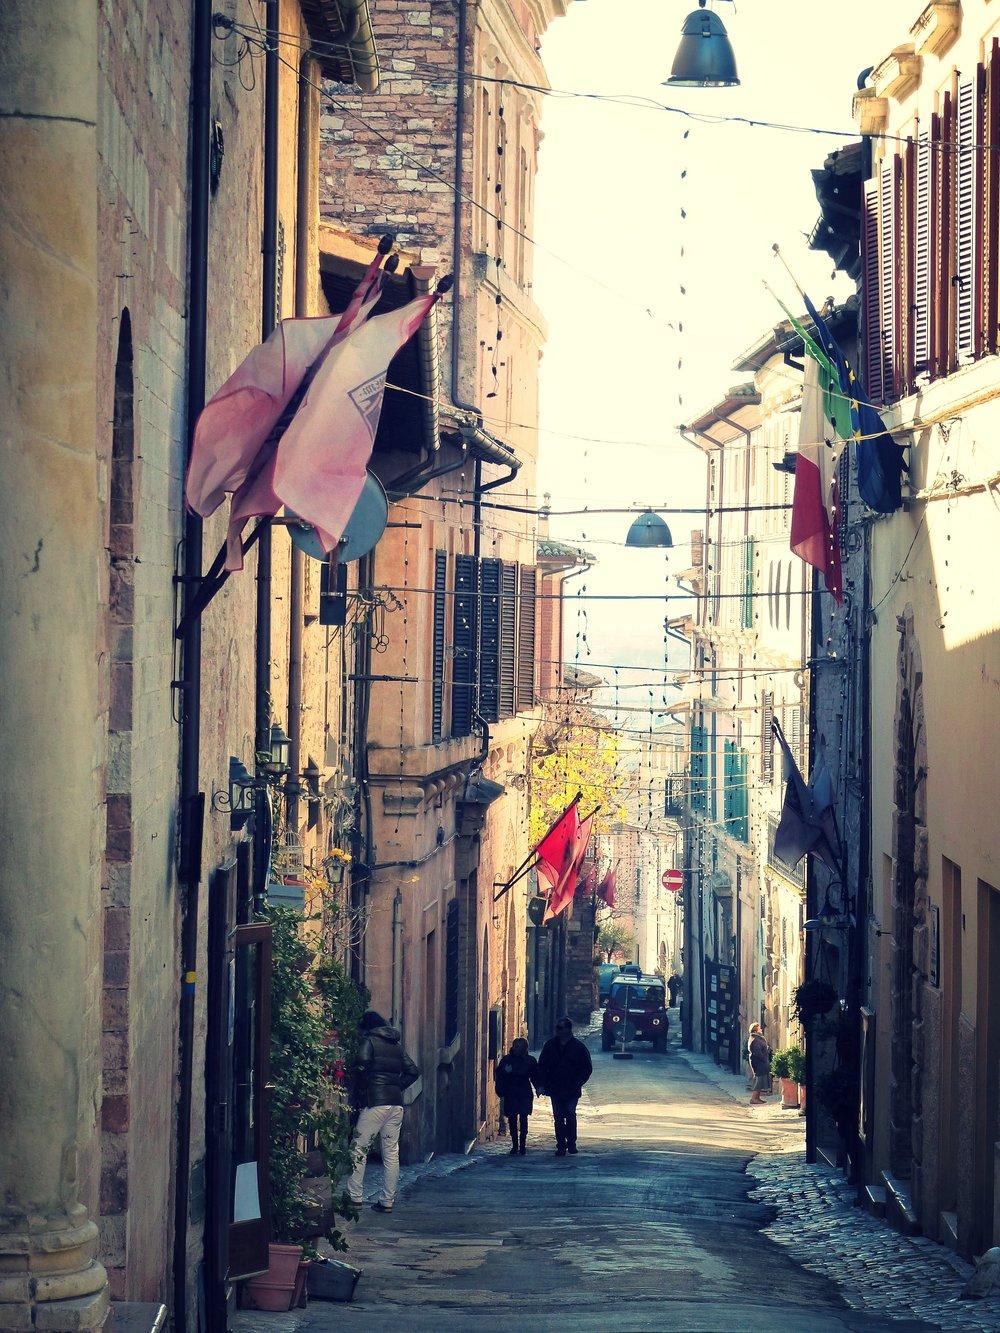 At L'Oro di Spello, Umbria